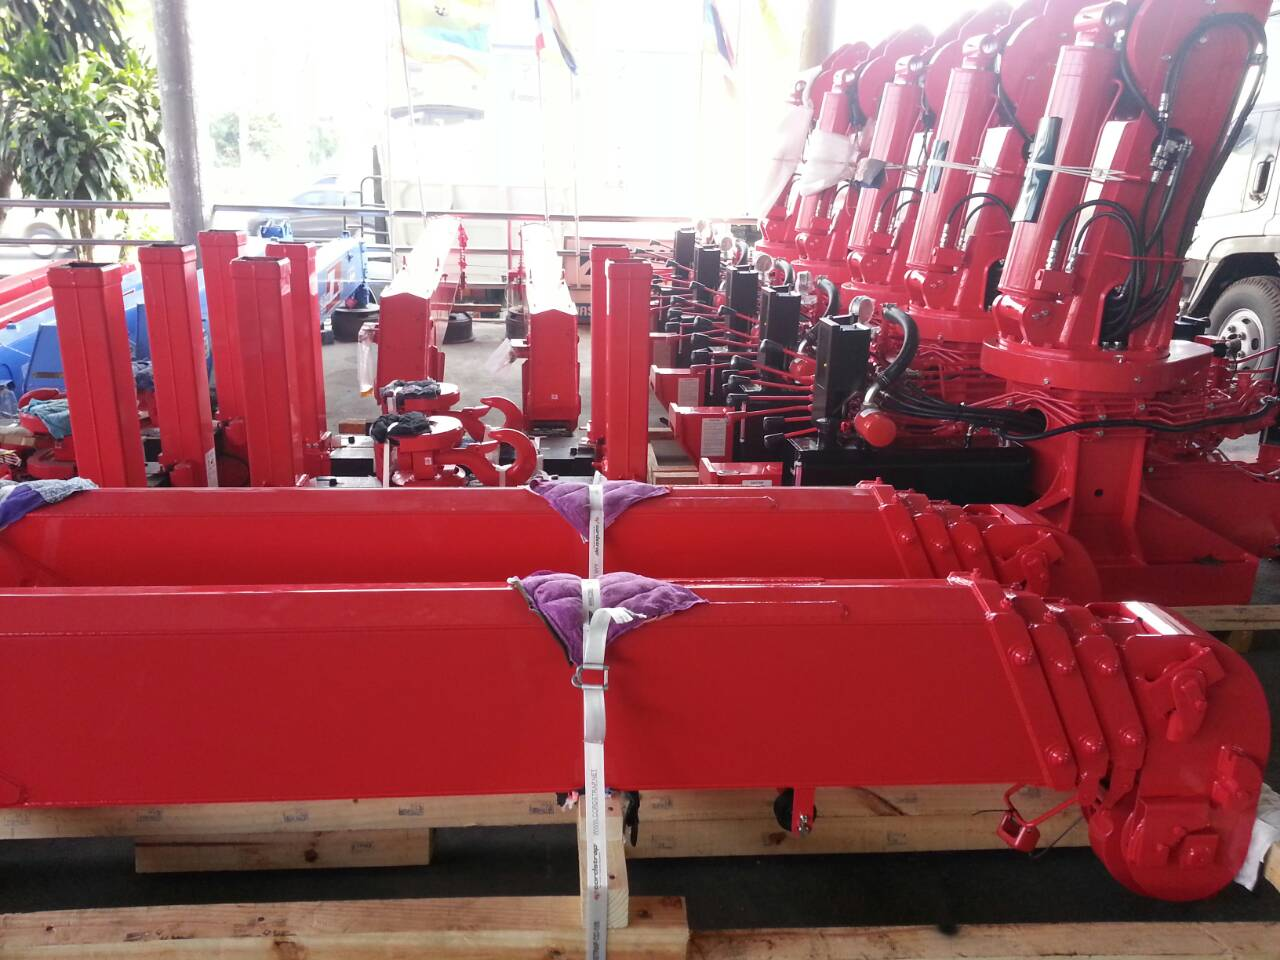 เครนสลิงญี่ปุ่นใหม่ UNIC รุ่น UR-V550K ขนาดความยาว 3ท่อน 4 ท่อน 5 ท่อน 6ท่อน (UR-V553K สูง10.2ม. - UR-V554K สูง12.7ม. - UR-V555K สูง15.1ม. - UR-V556K สูง17.3ม.) พร้อมส่งมอบและติดตั้งให้กับลูกค้าที่สั่งจองแล้วครับ ราคาจำหน่ายปลีกและส่ง พร้อมบริการติดตั้งรั